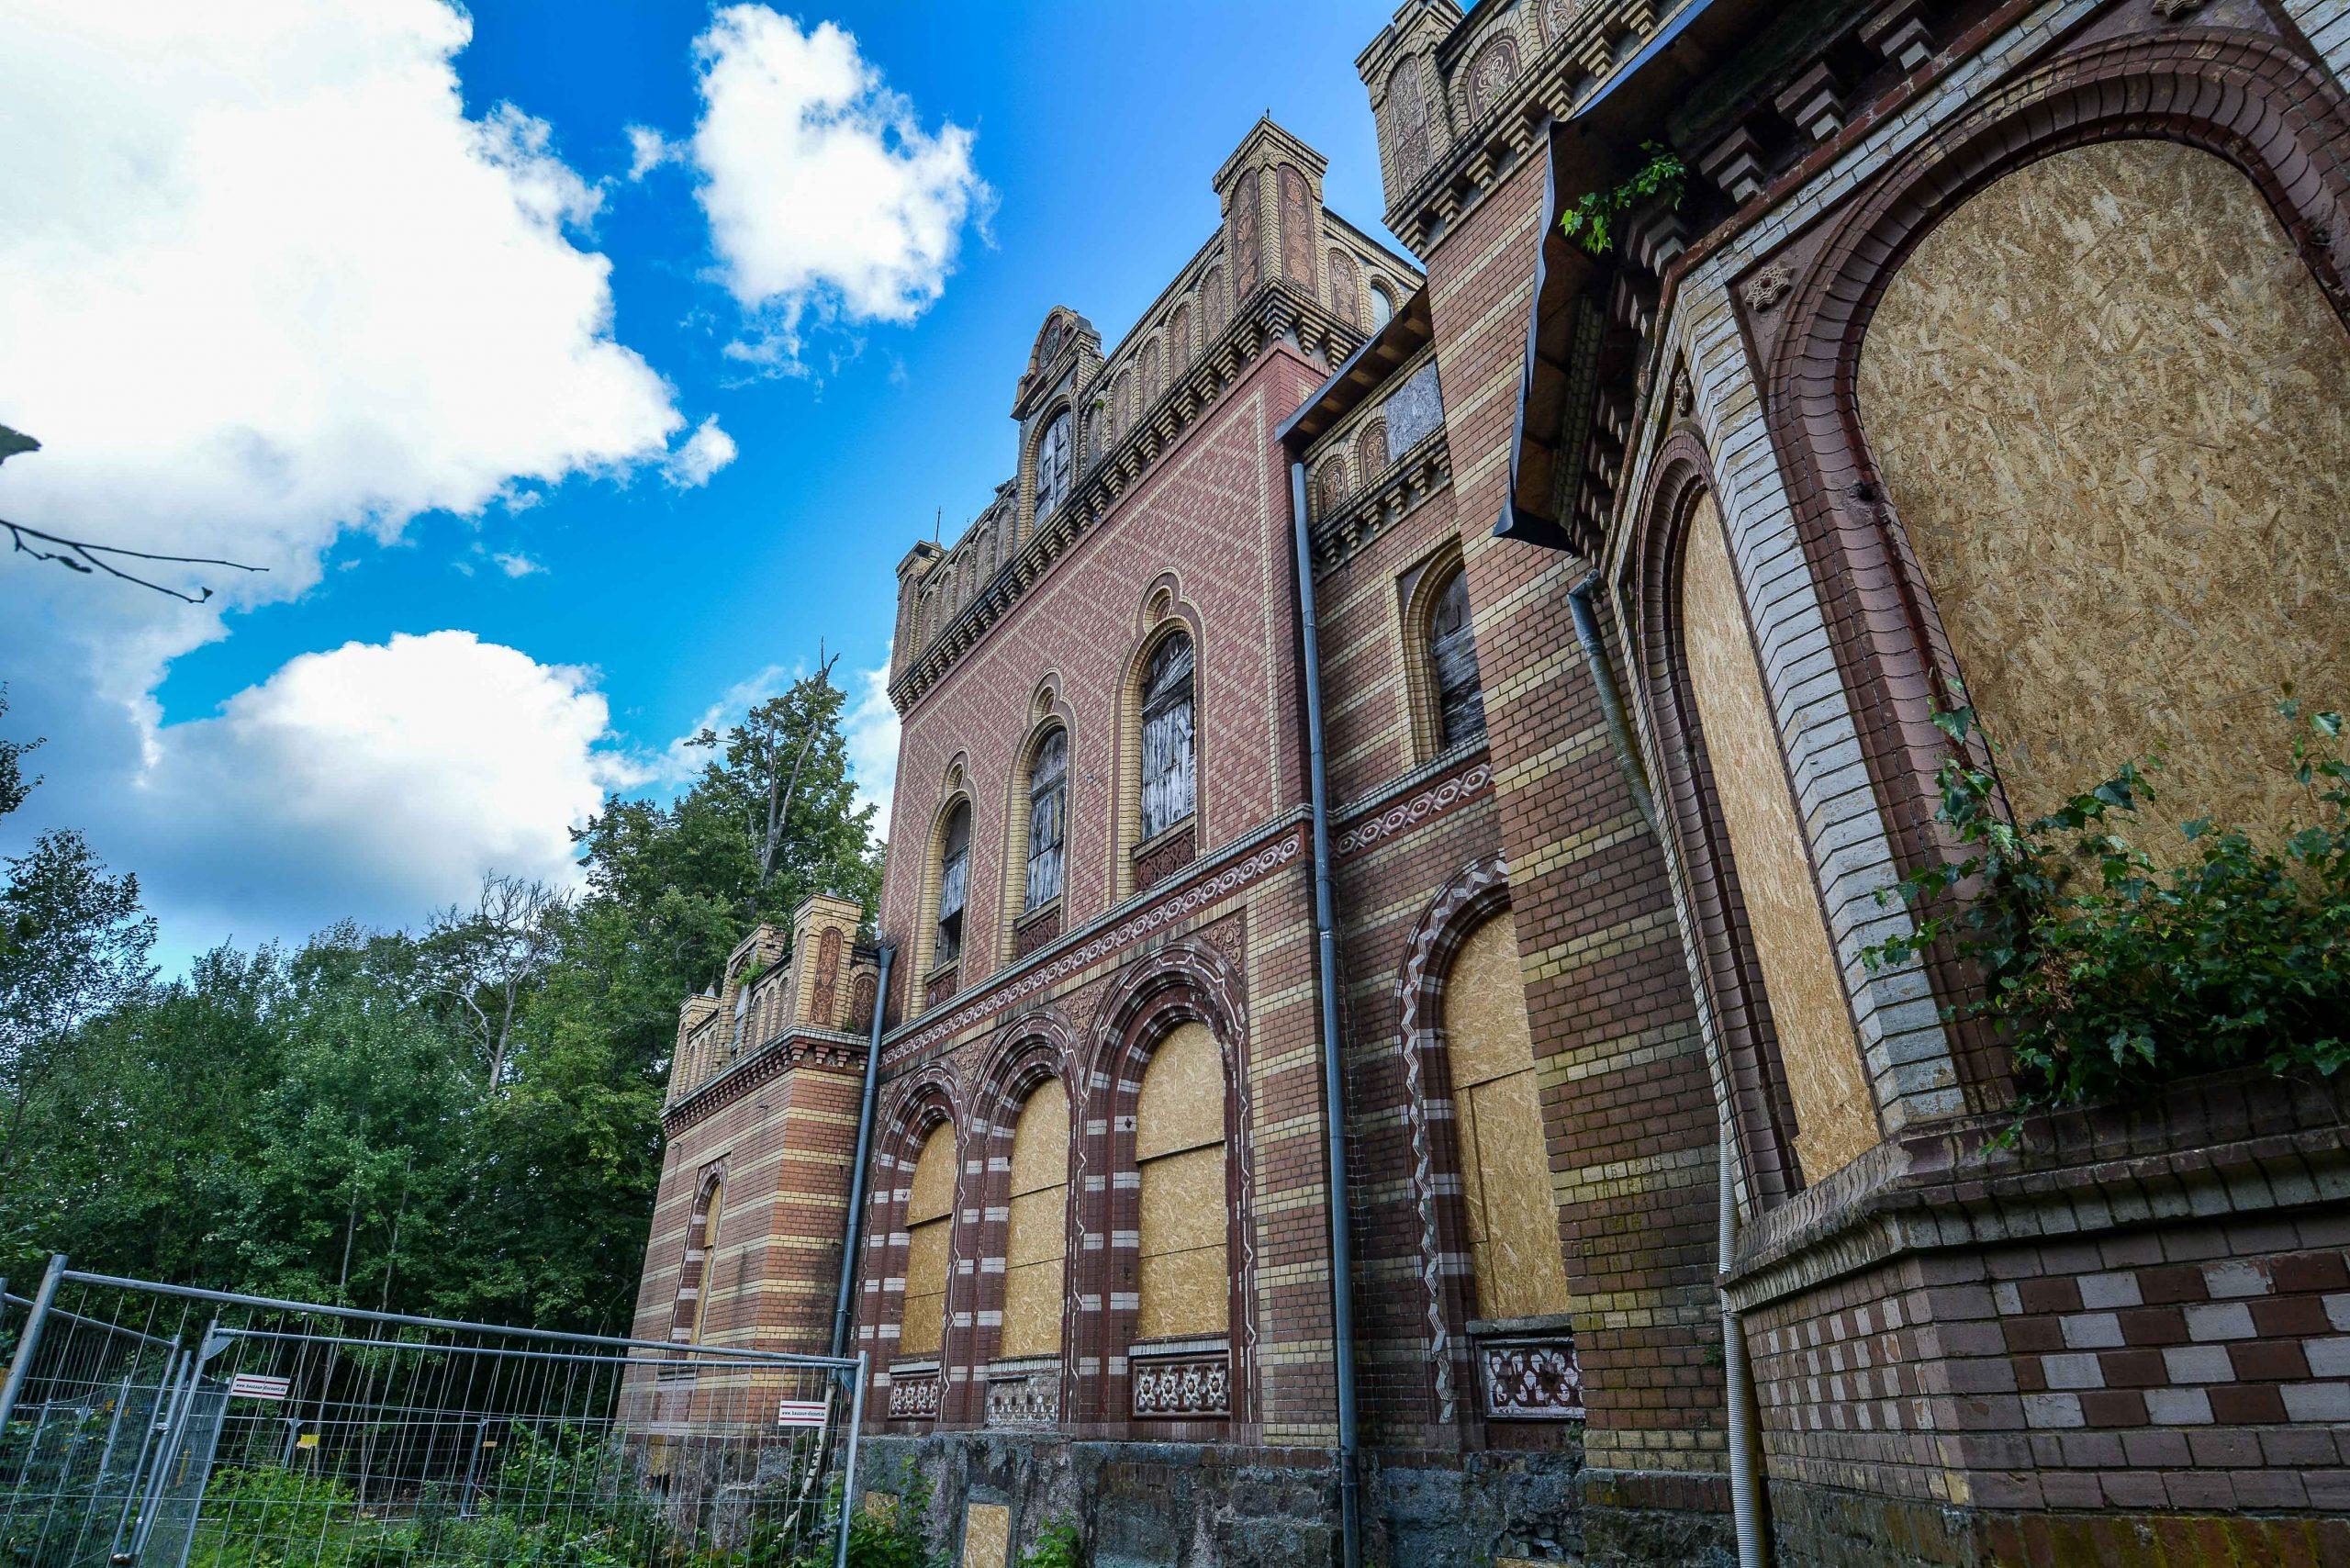 herrenhause gentzrode architektur historischer orientalismus herrenhaus gentzrode lost places brandenburg neuruppin gut gentzrode ost deutschland urbex abandoned